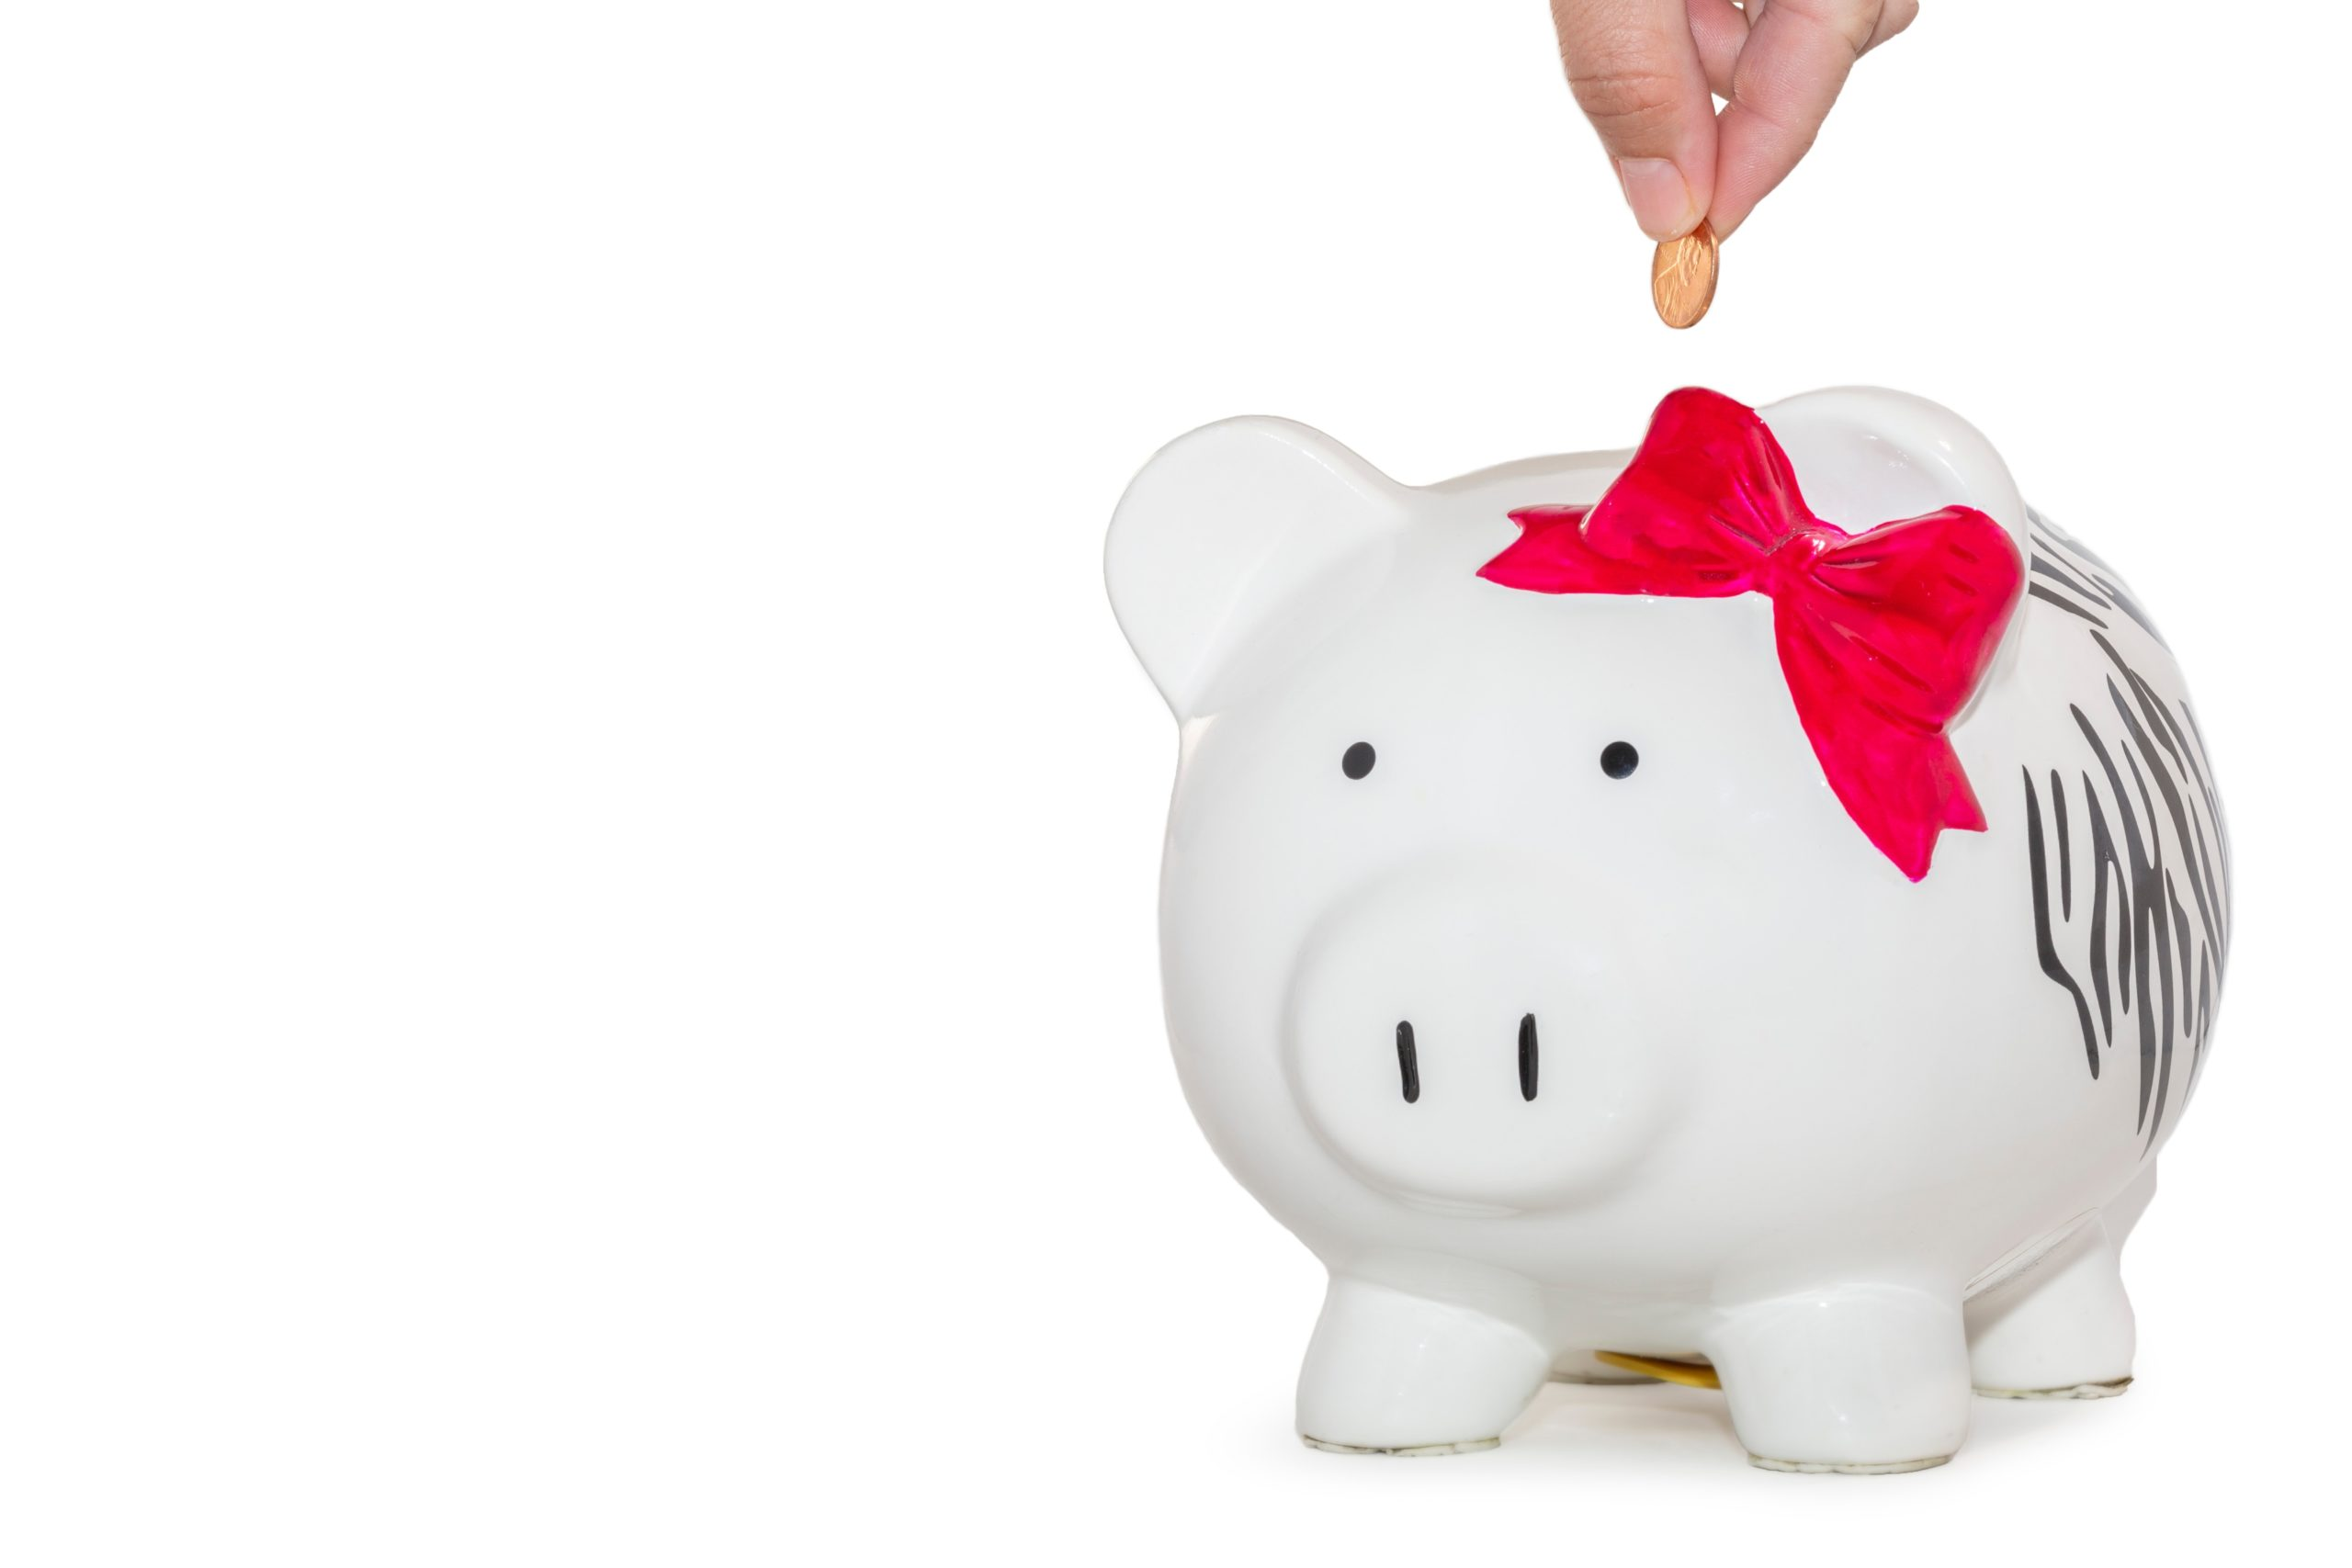 【子育て】赤ちゃんにひと月どのくらいお金がかかるのか、調べてみた。